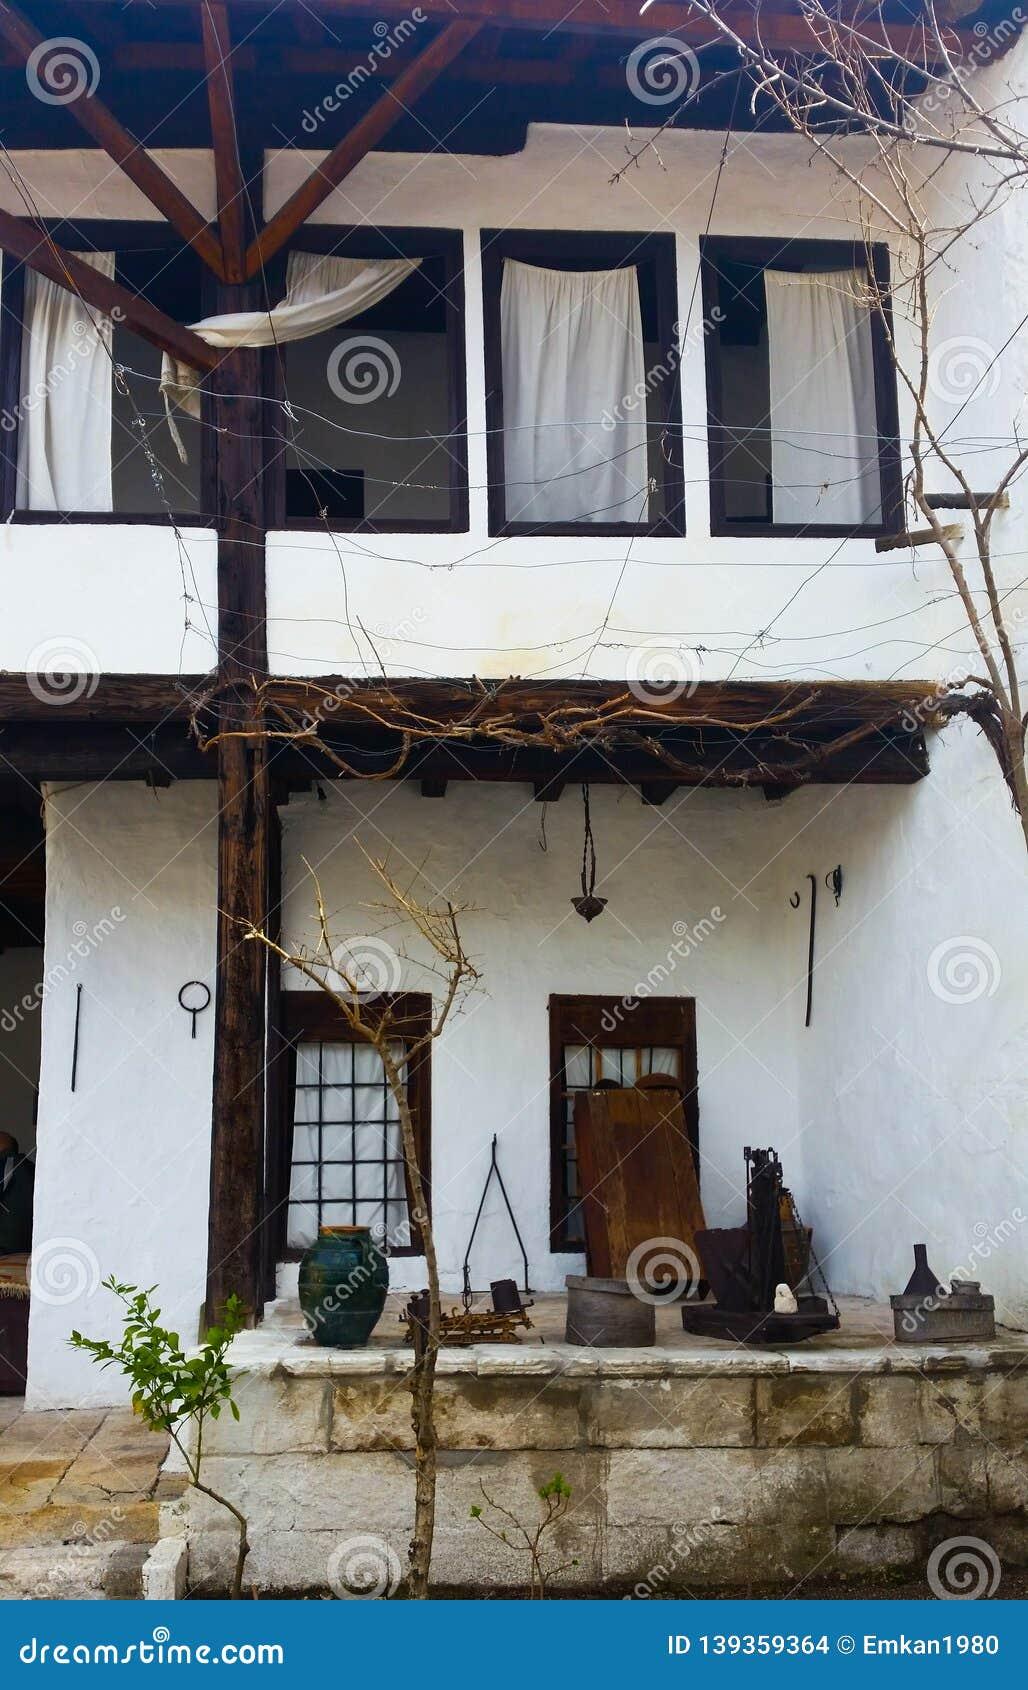 An old folk house